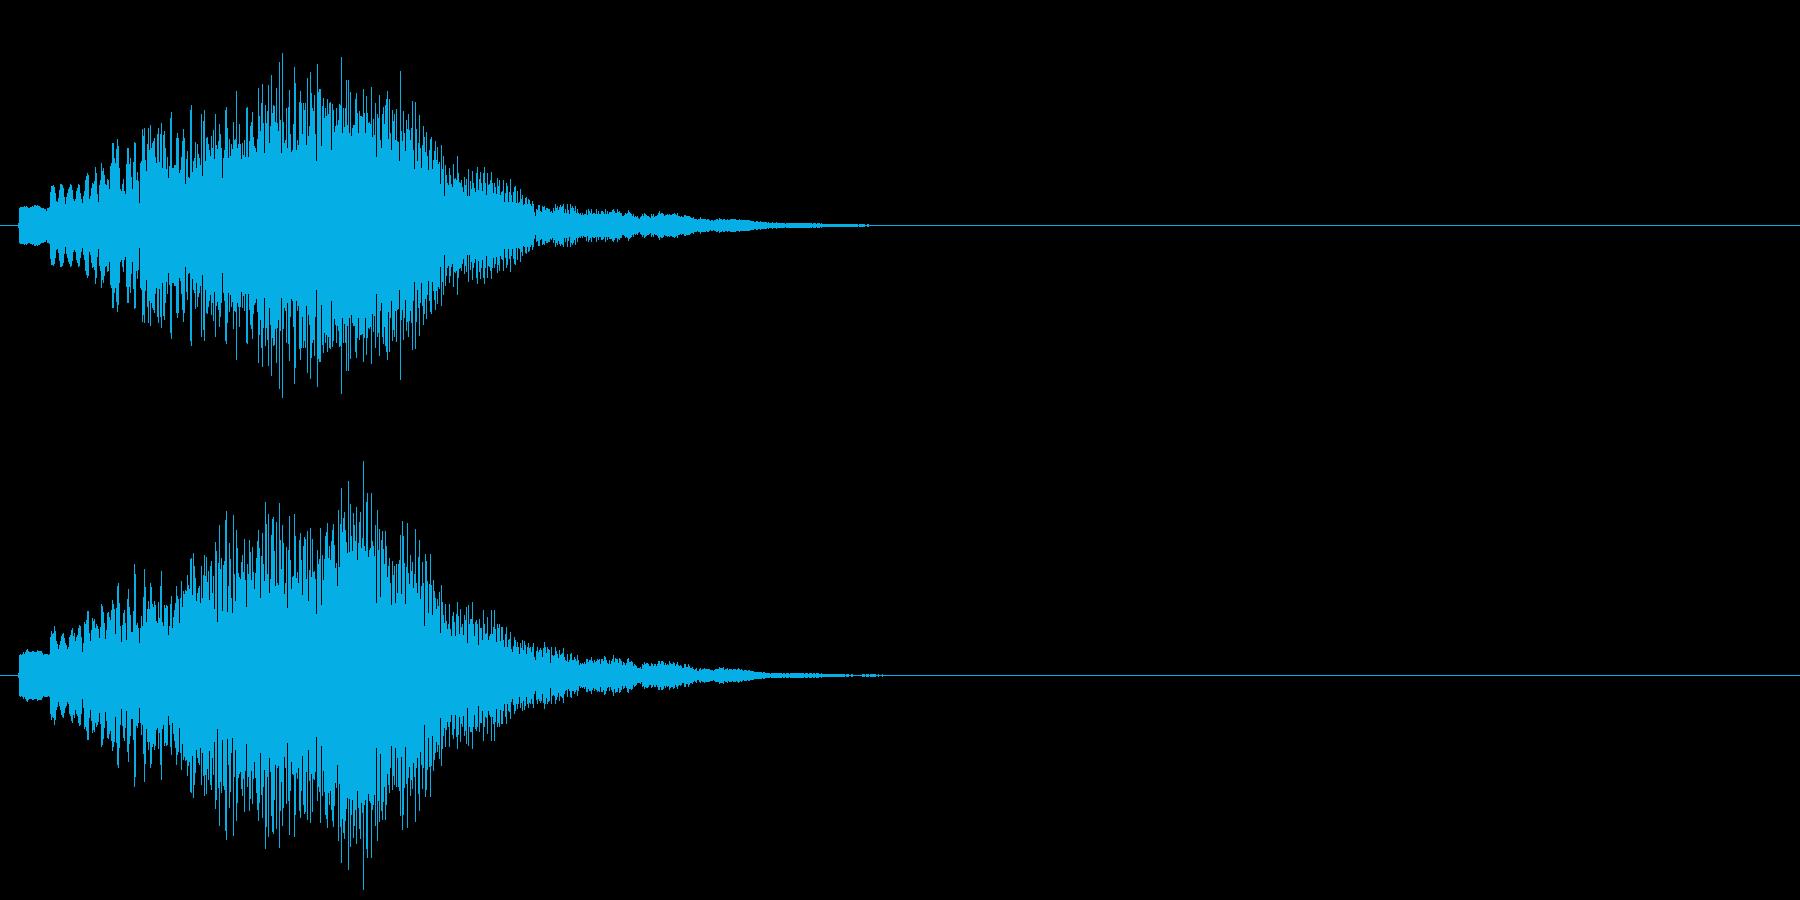 グリッサンド09 キラキラ(上昇)の再生済みの波形